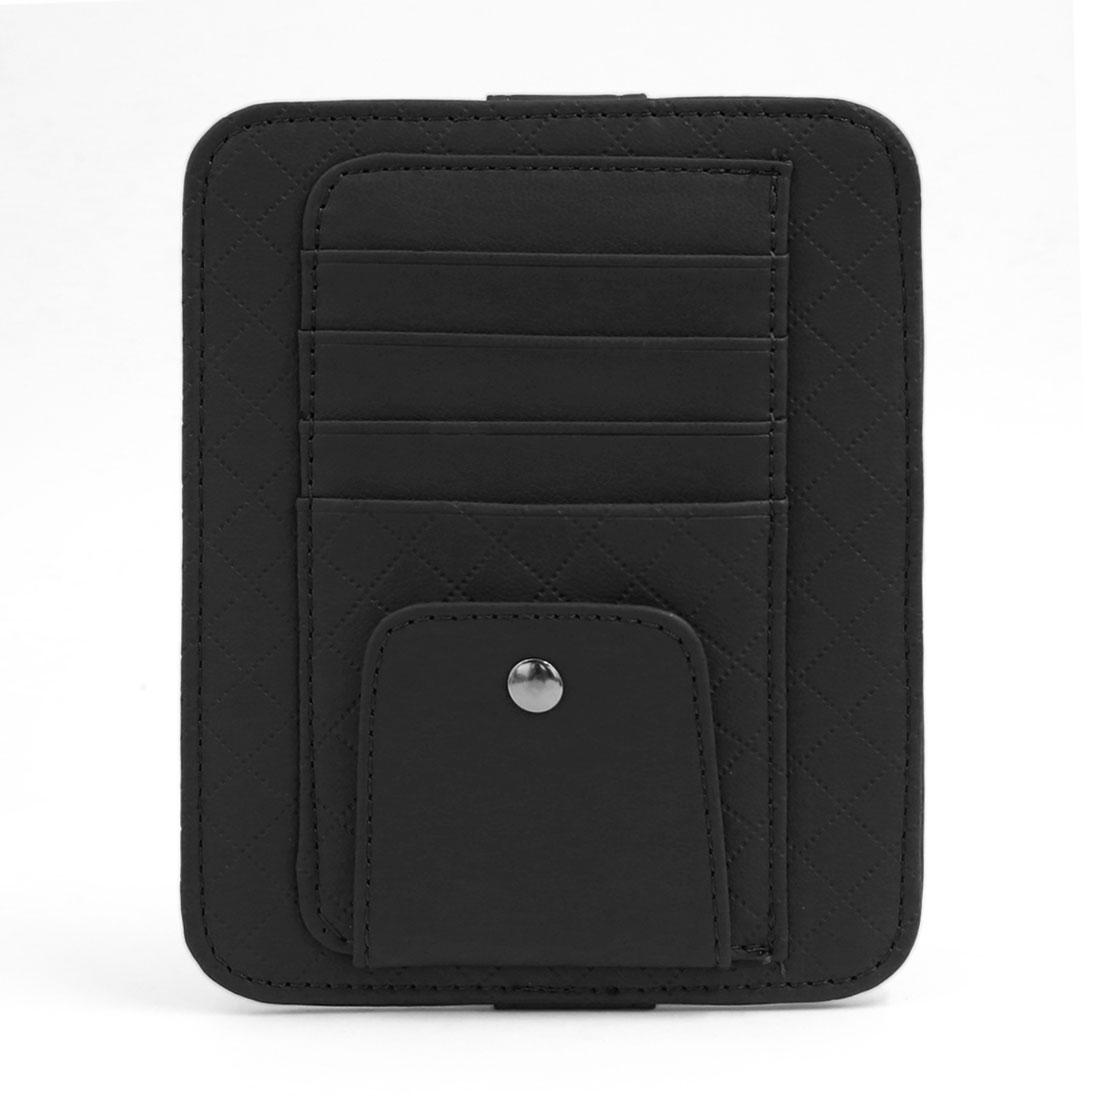 Hook Loop Fastener Car Sun Visor CD Case Business Name Card Holder Pocket Black